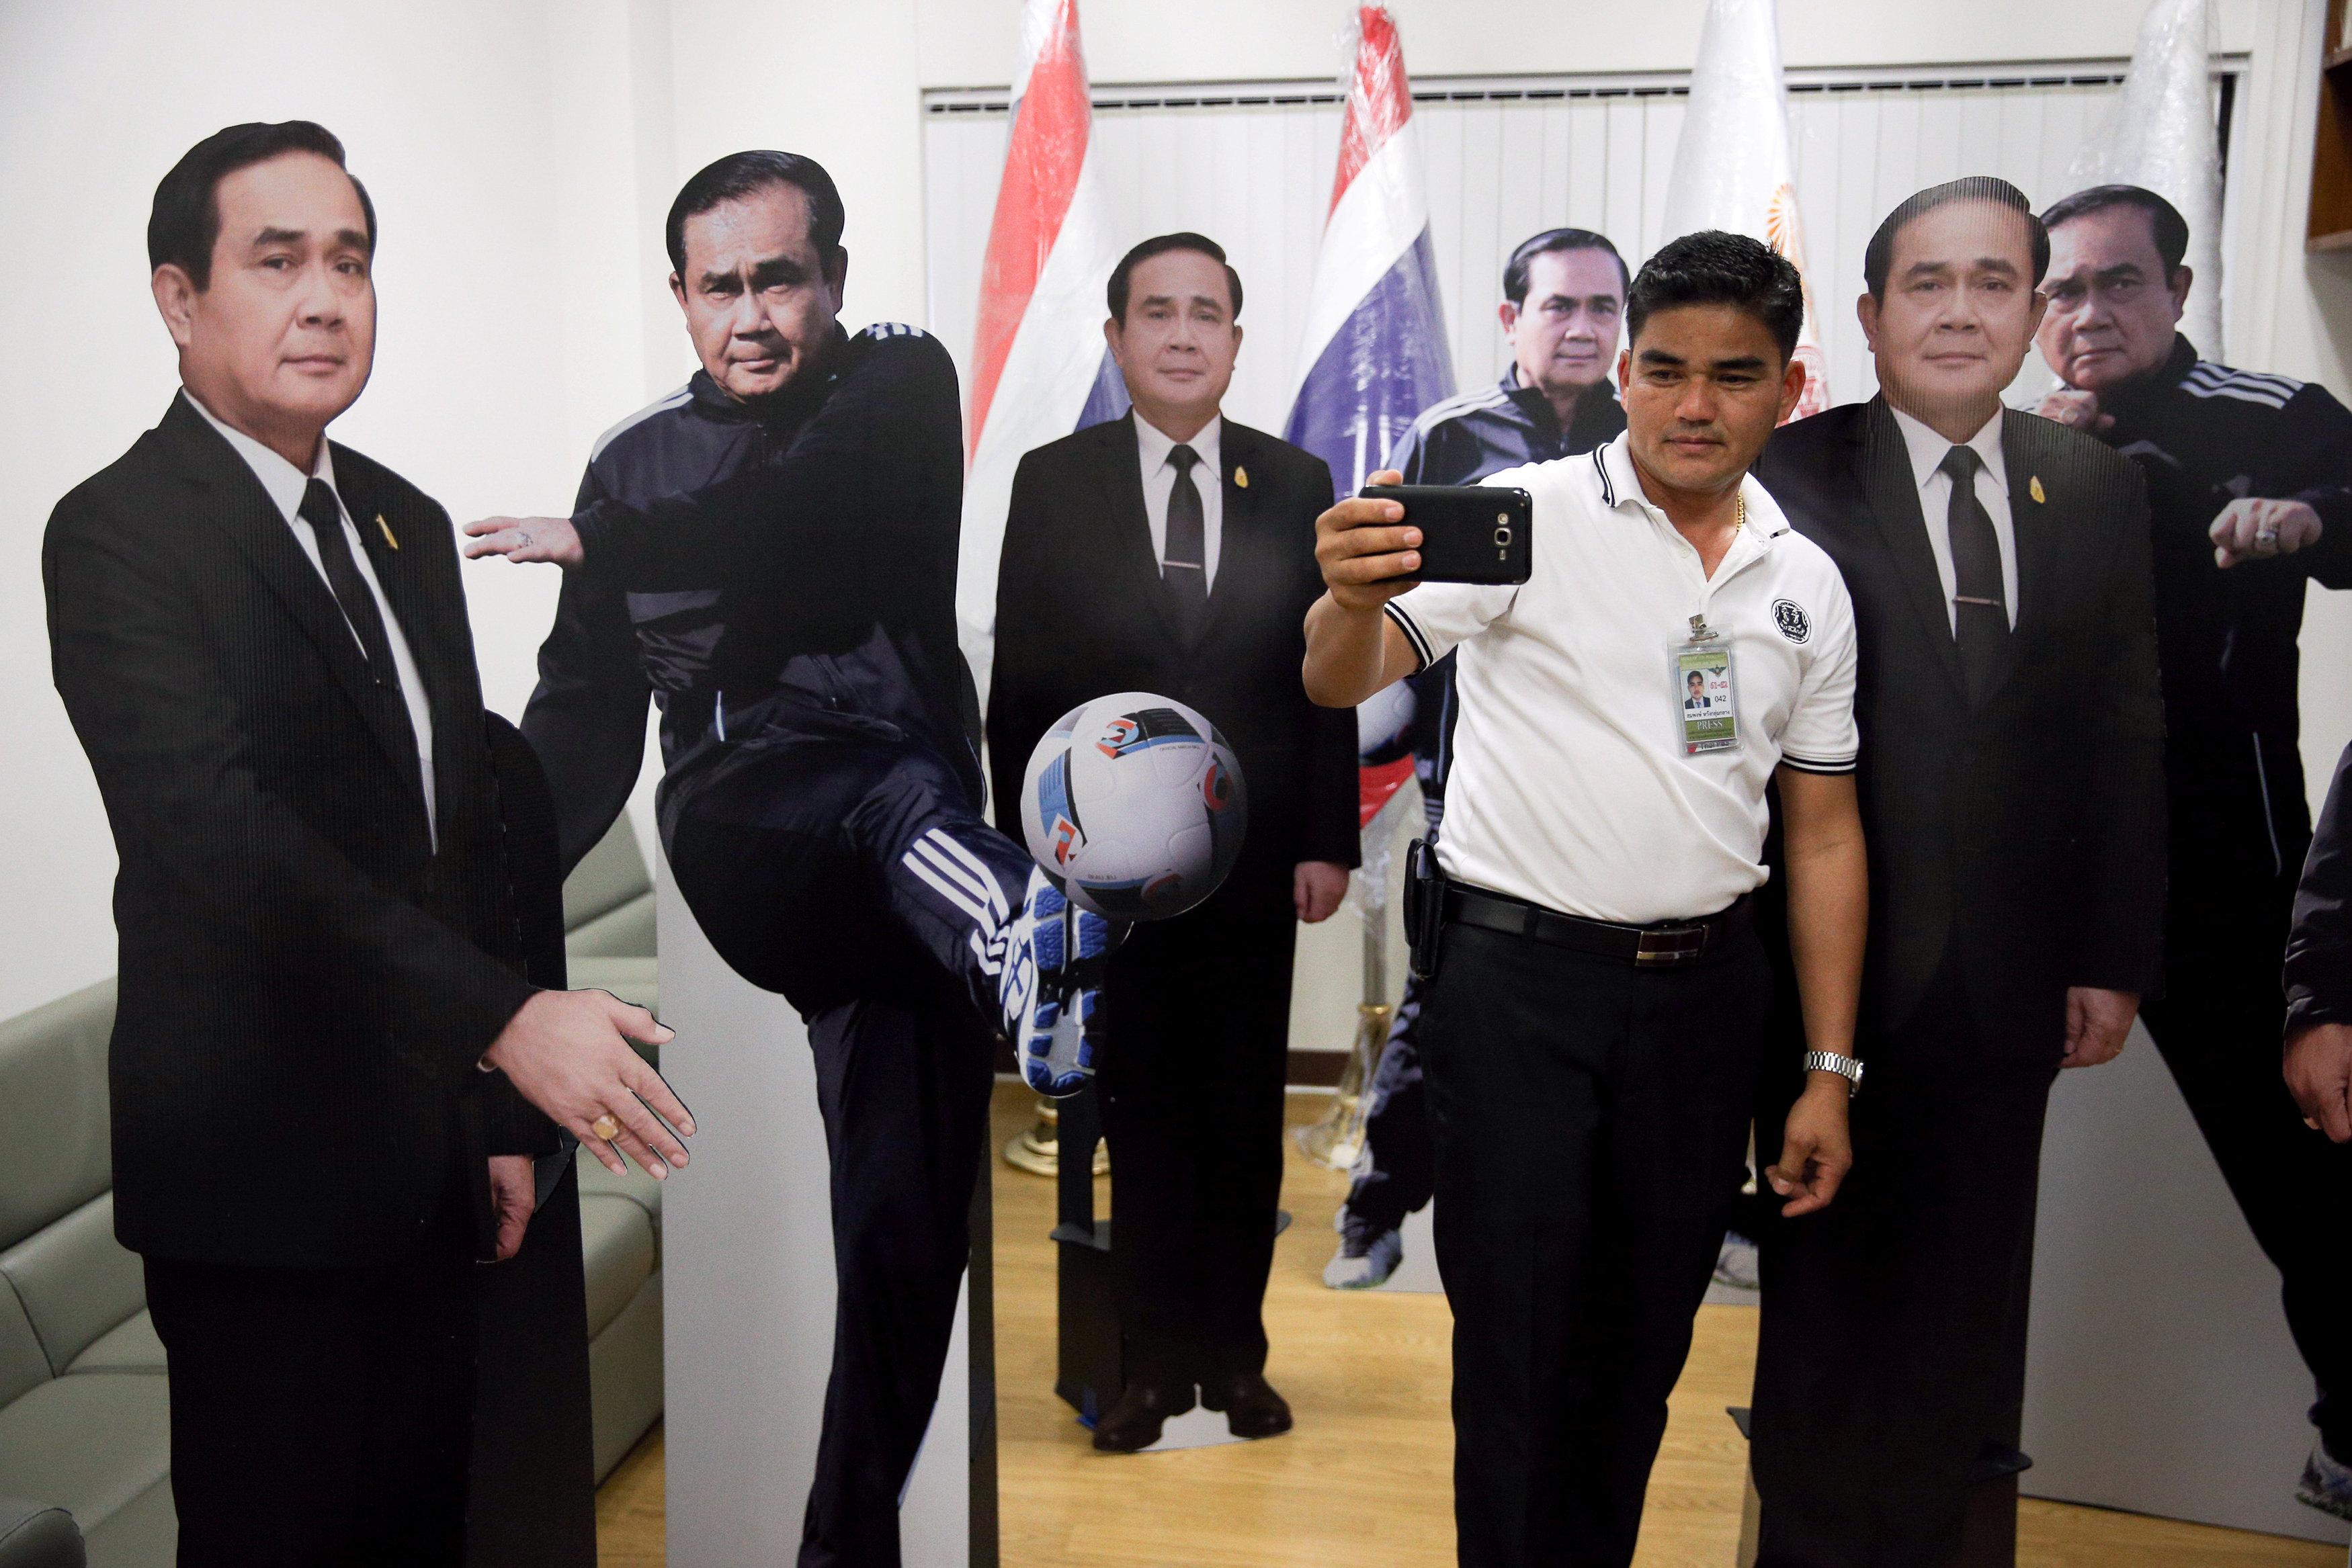 Primer ministro deja doble de cartón para las preguntas incómodas